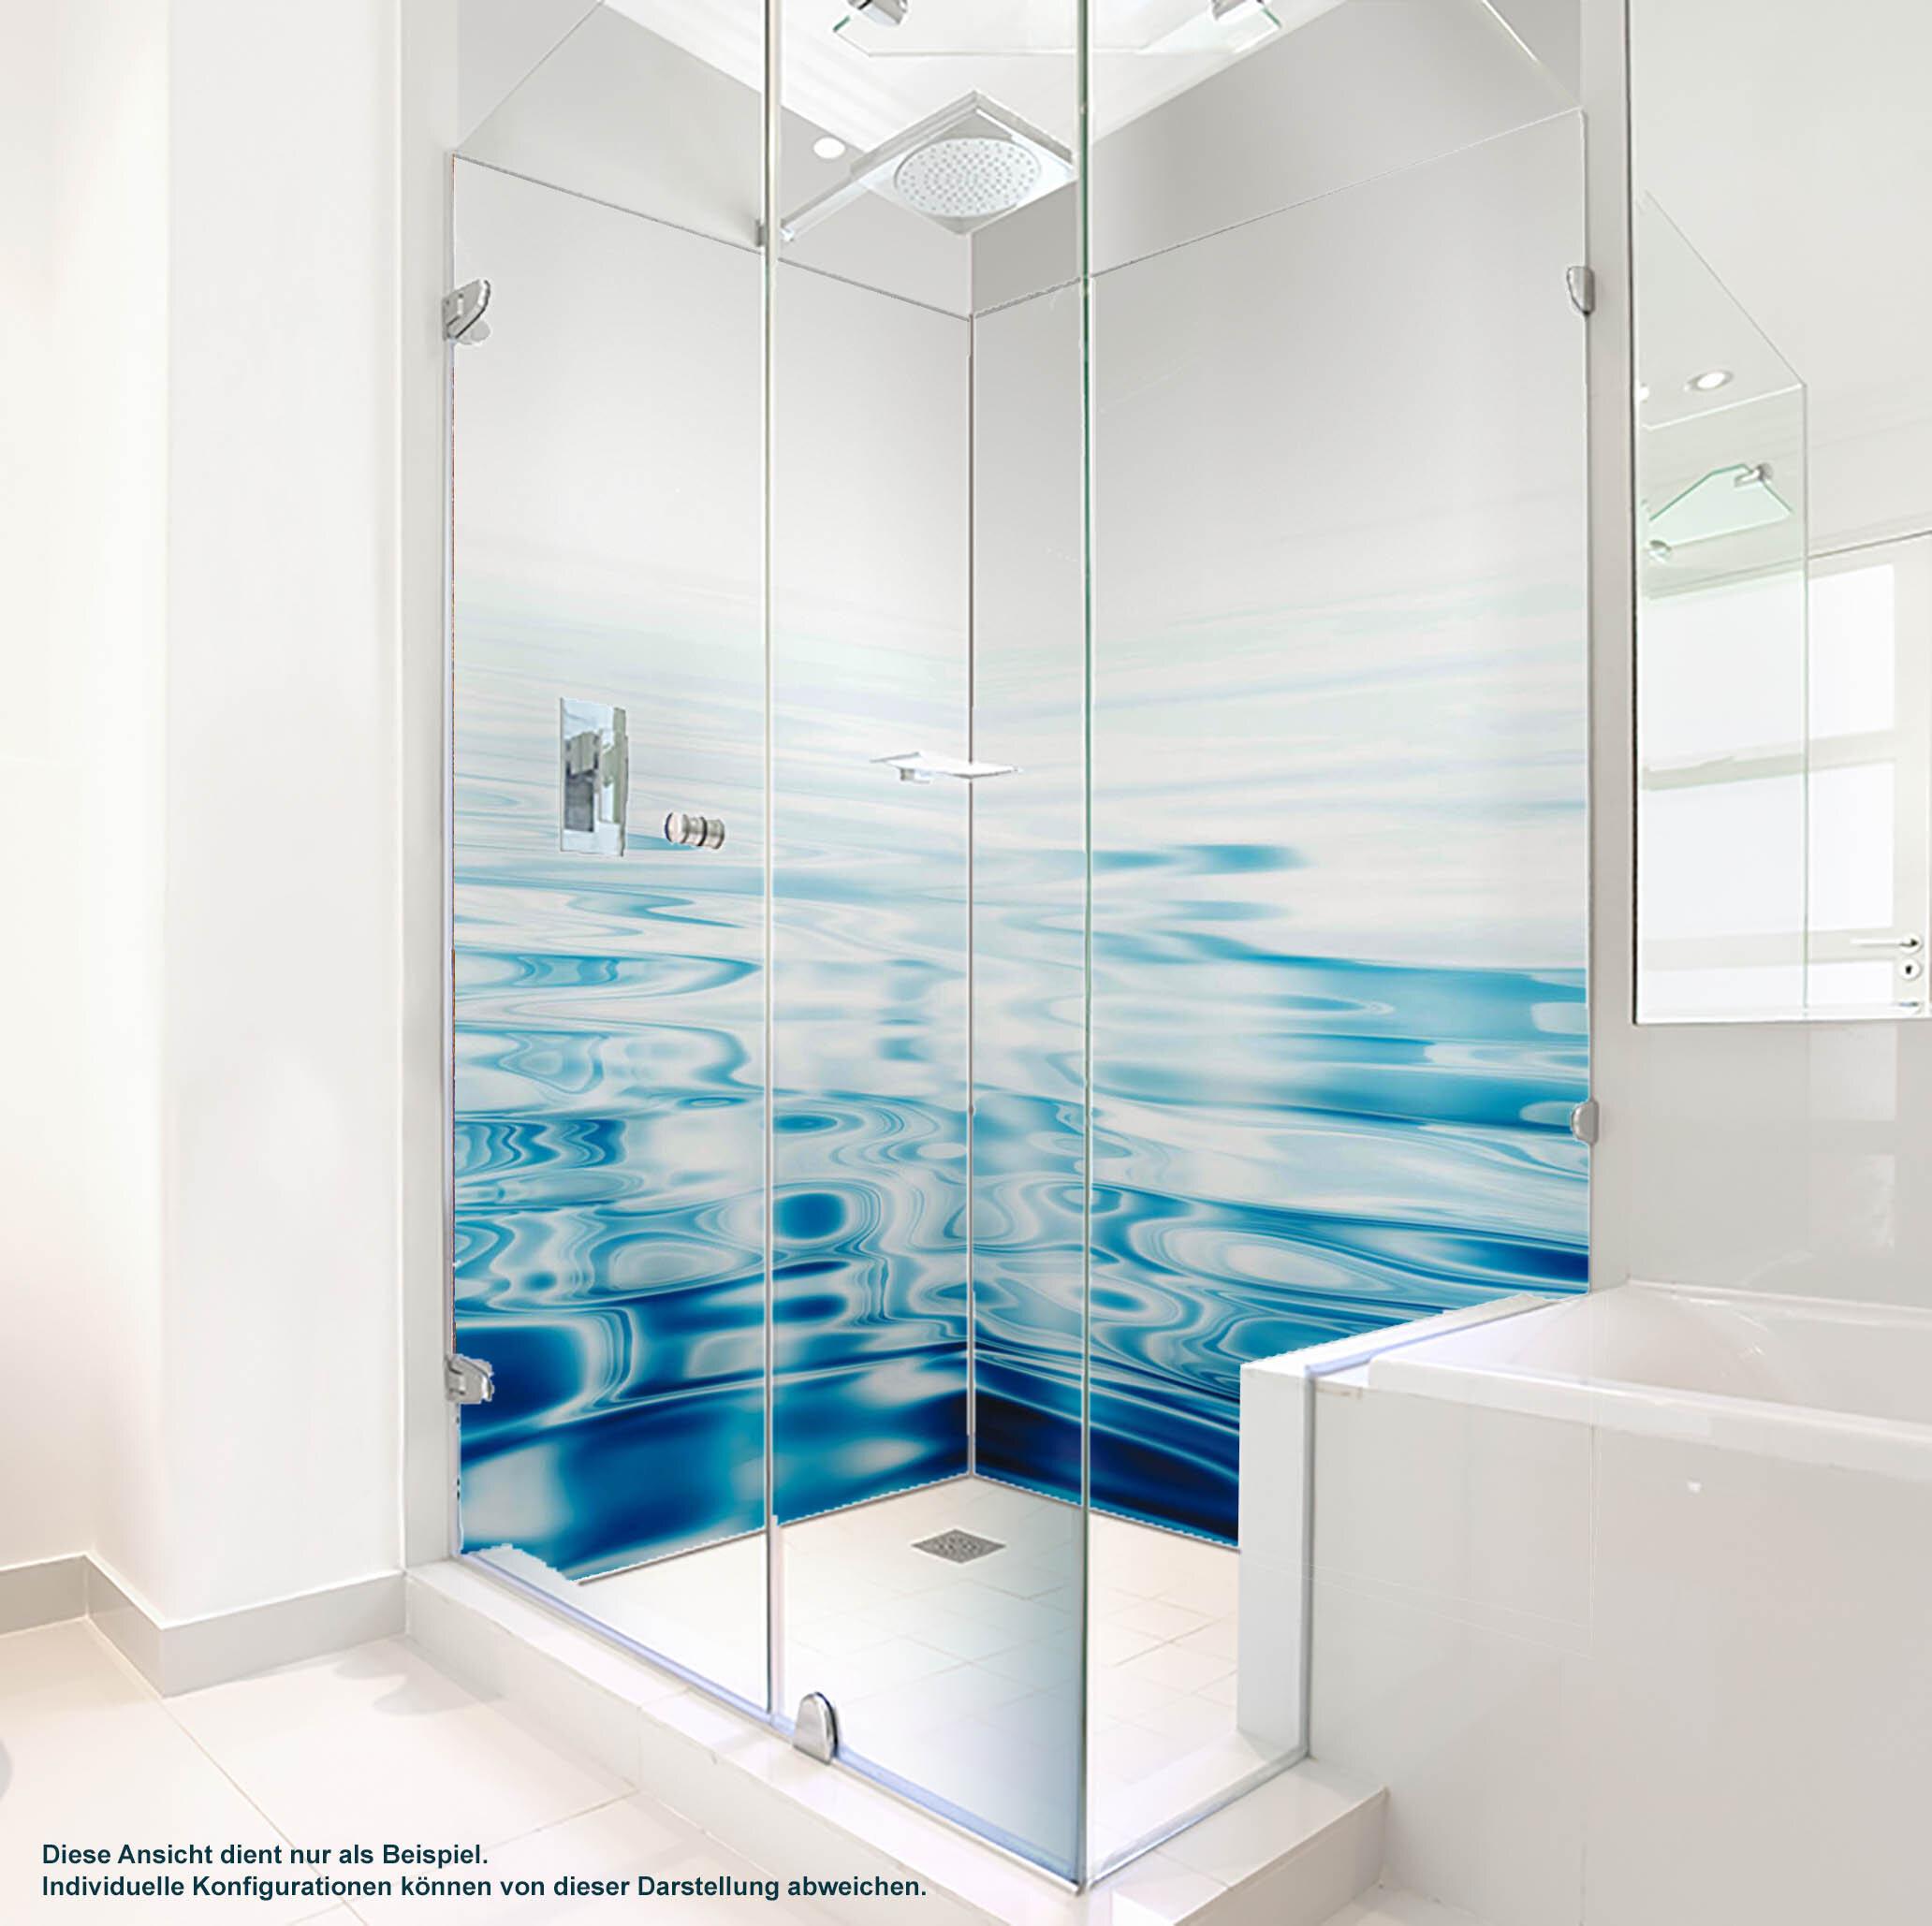 Dusche PlateART Duschrückwand mit Motiv Wellness Wasser